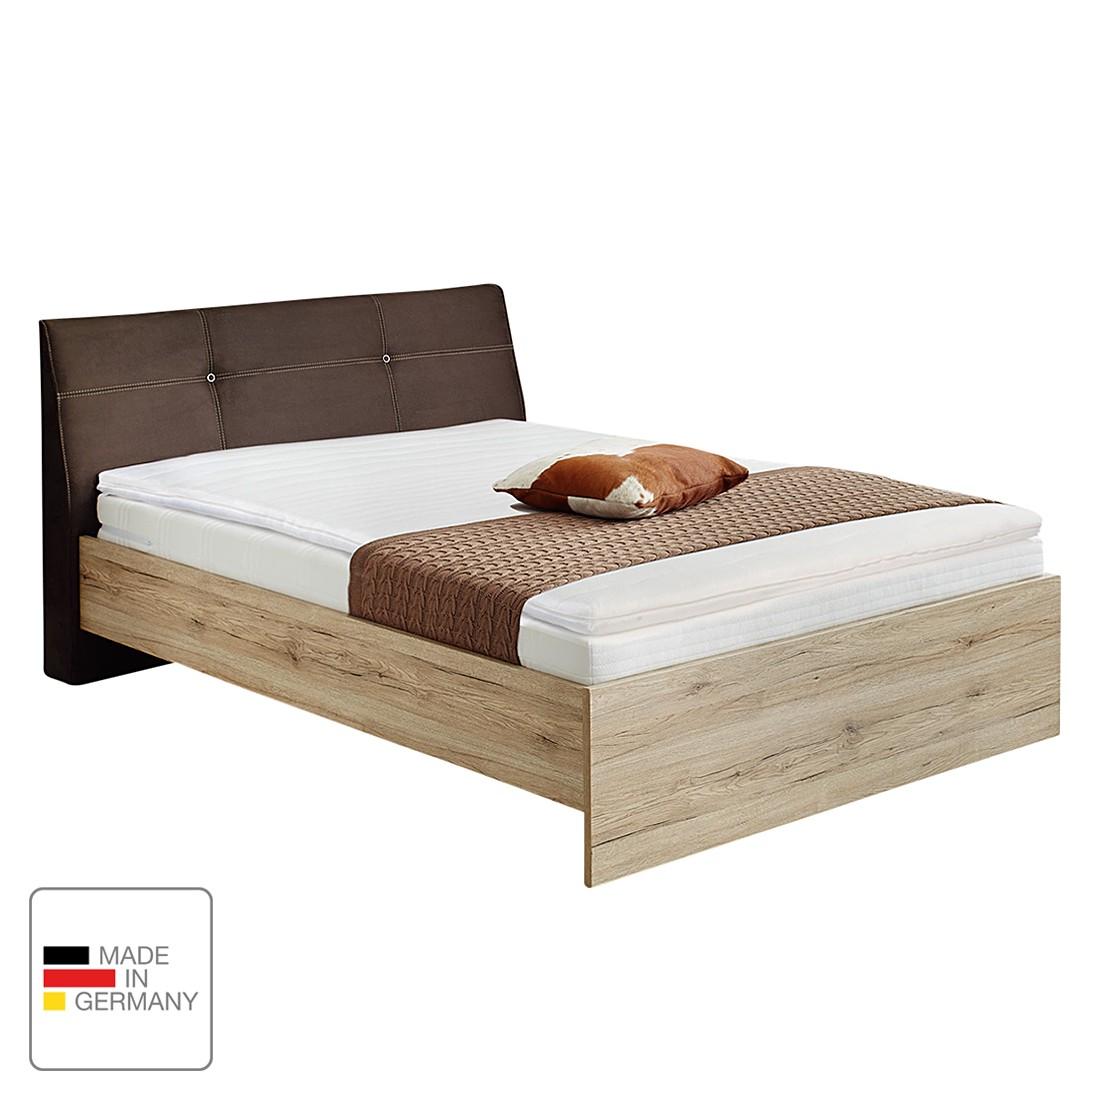 boxspringbett pitea eiche sanremo dekor microfaser braun mooved g nstig schnell einkaufen. Black Bedroom Furniture Sets. Home Design Ideas